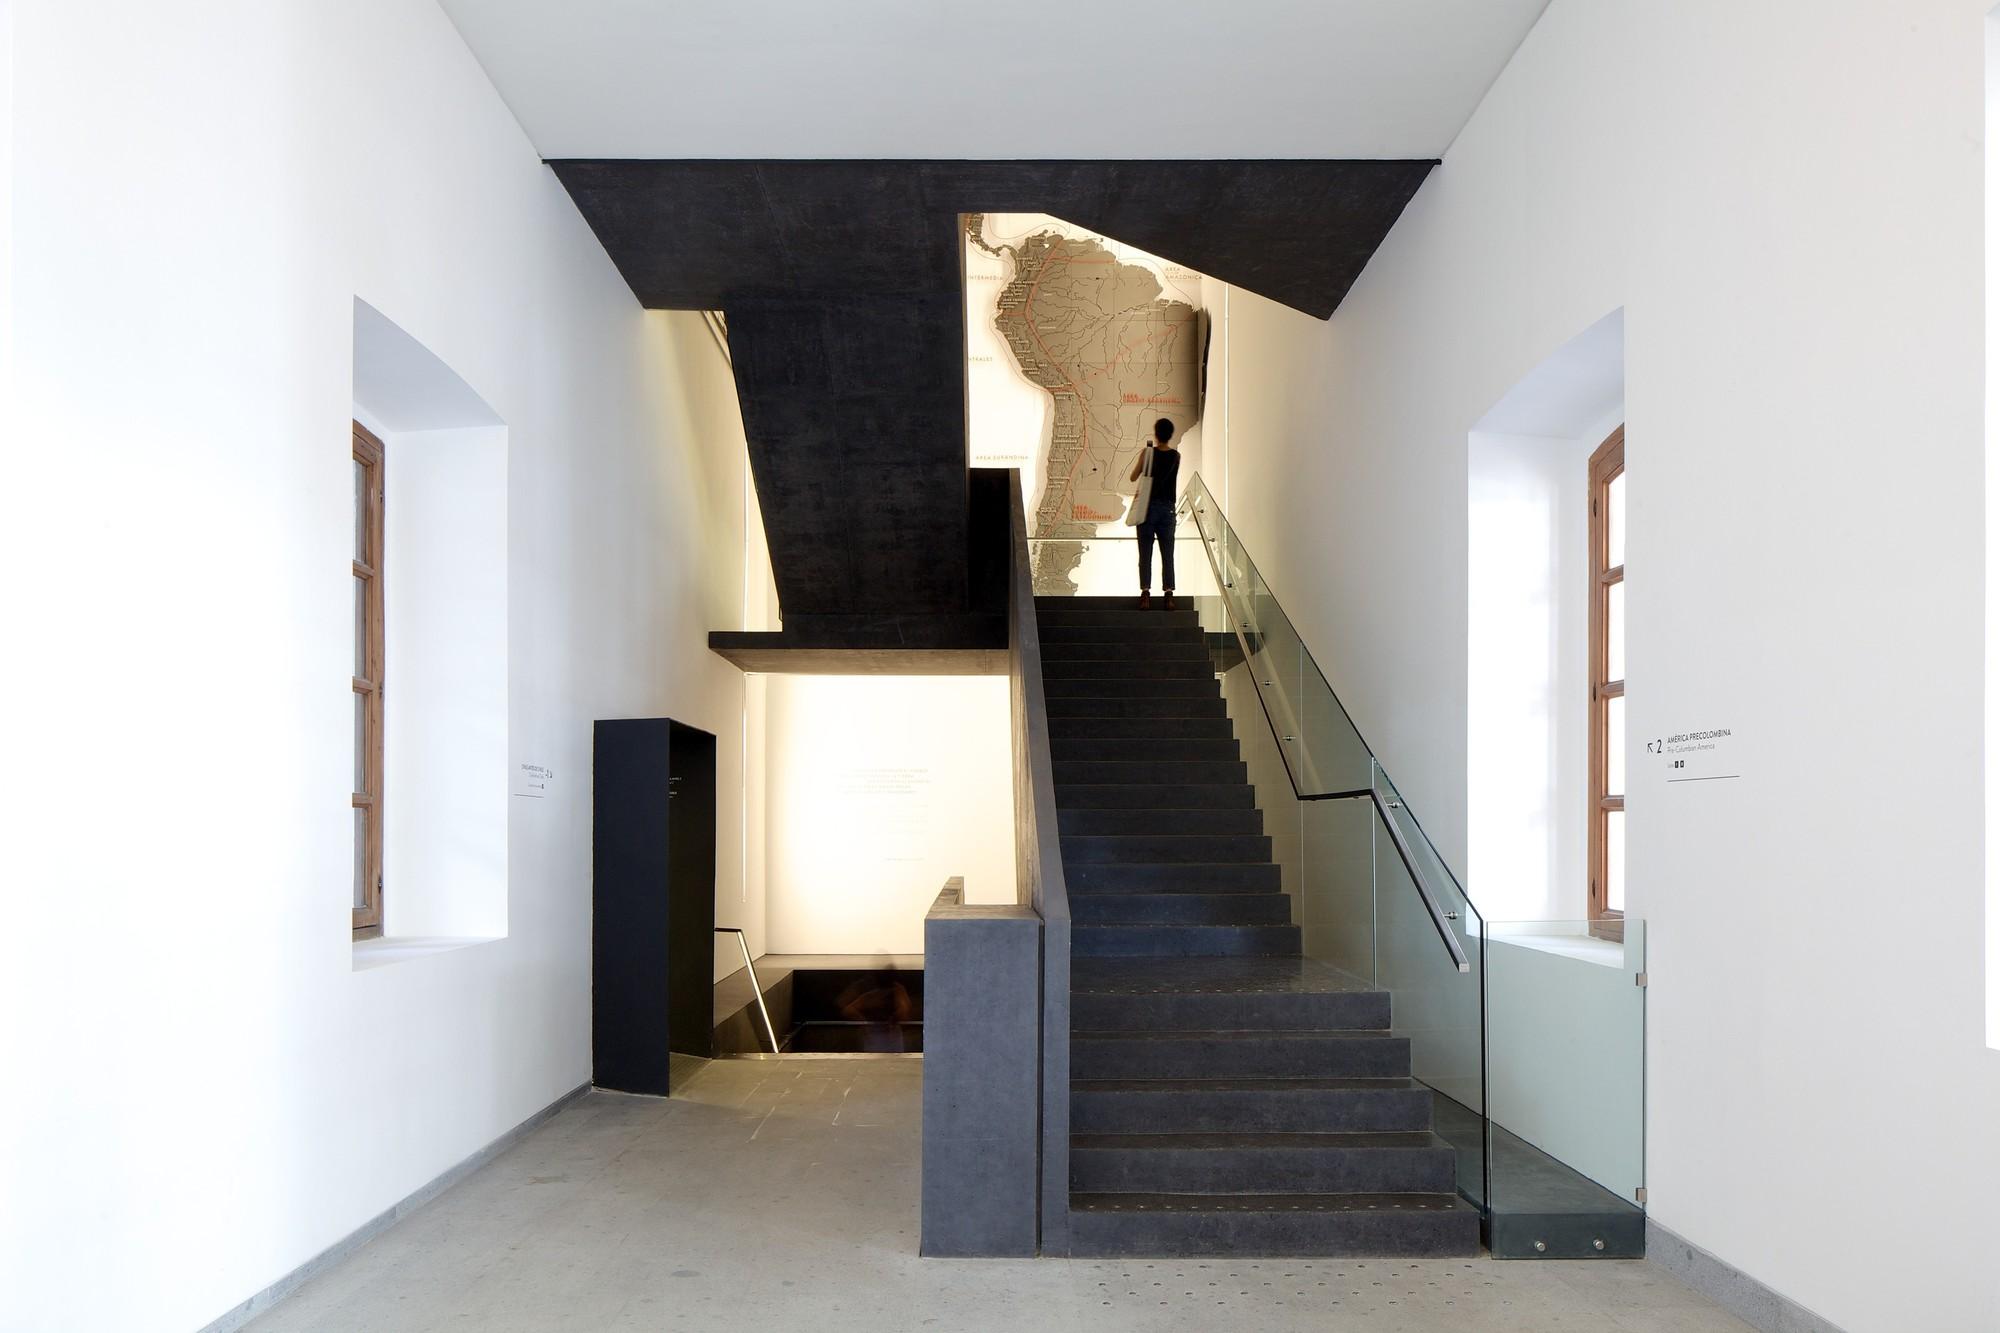 Ampliación y Remodelación Museo Chileno de Arte Precolombino / Smiljan Radic, © Nico Saieh